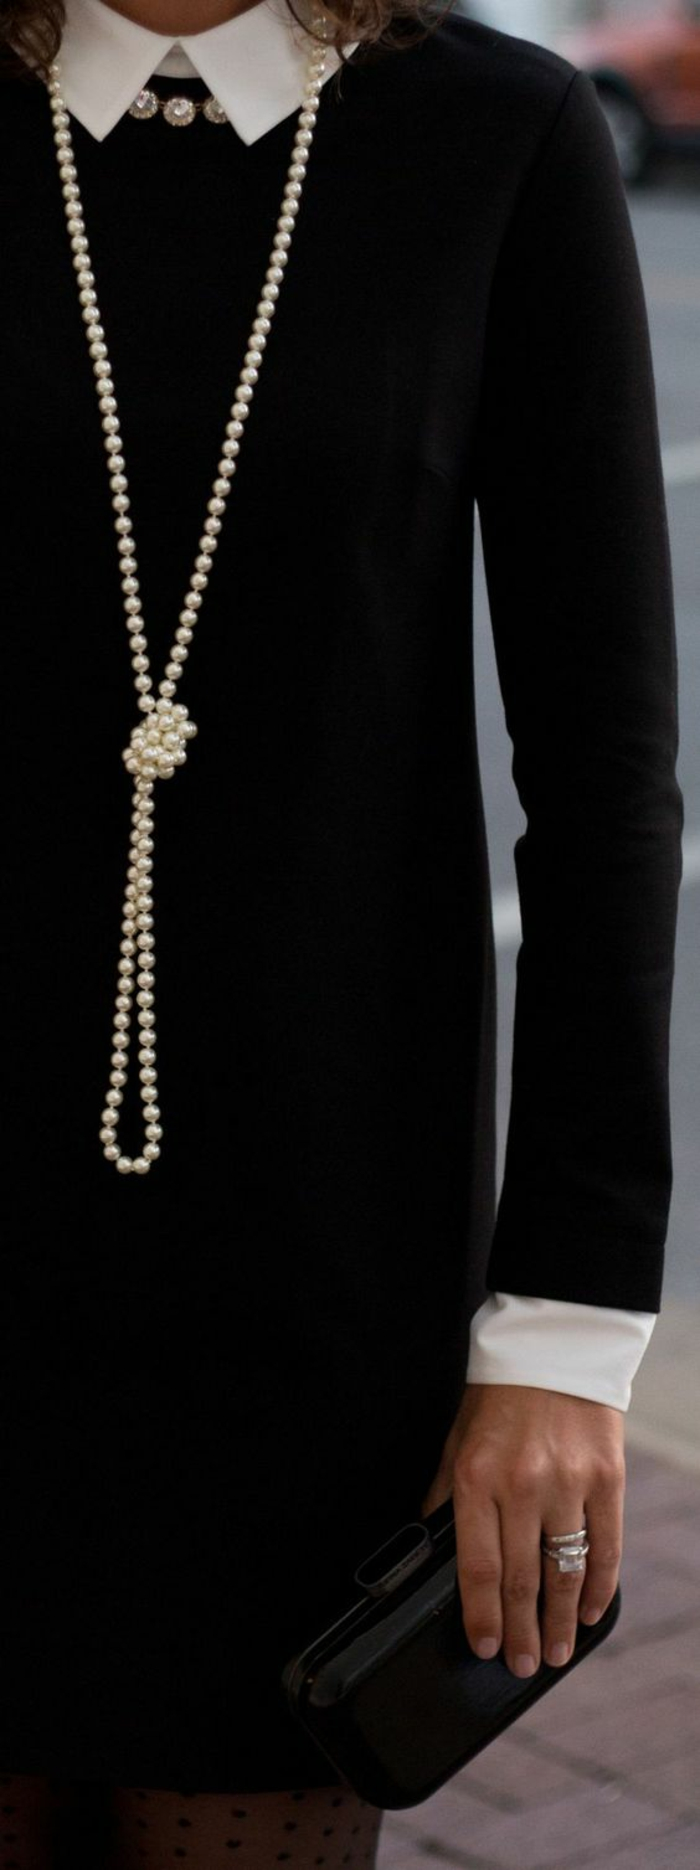 collier perle long avec un noeud au milieu au col blanc sage sublimant et petite pochette noire